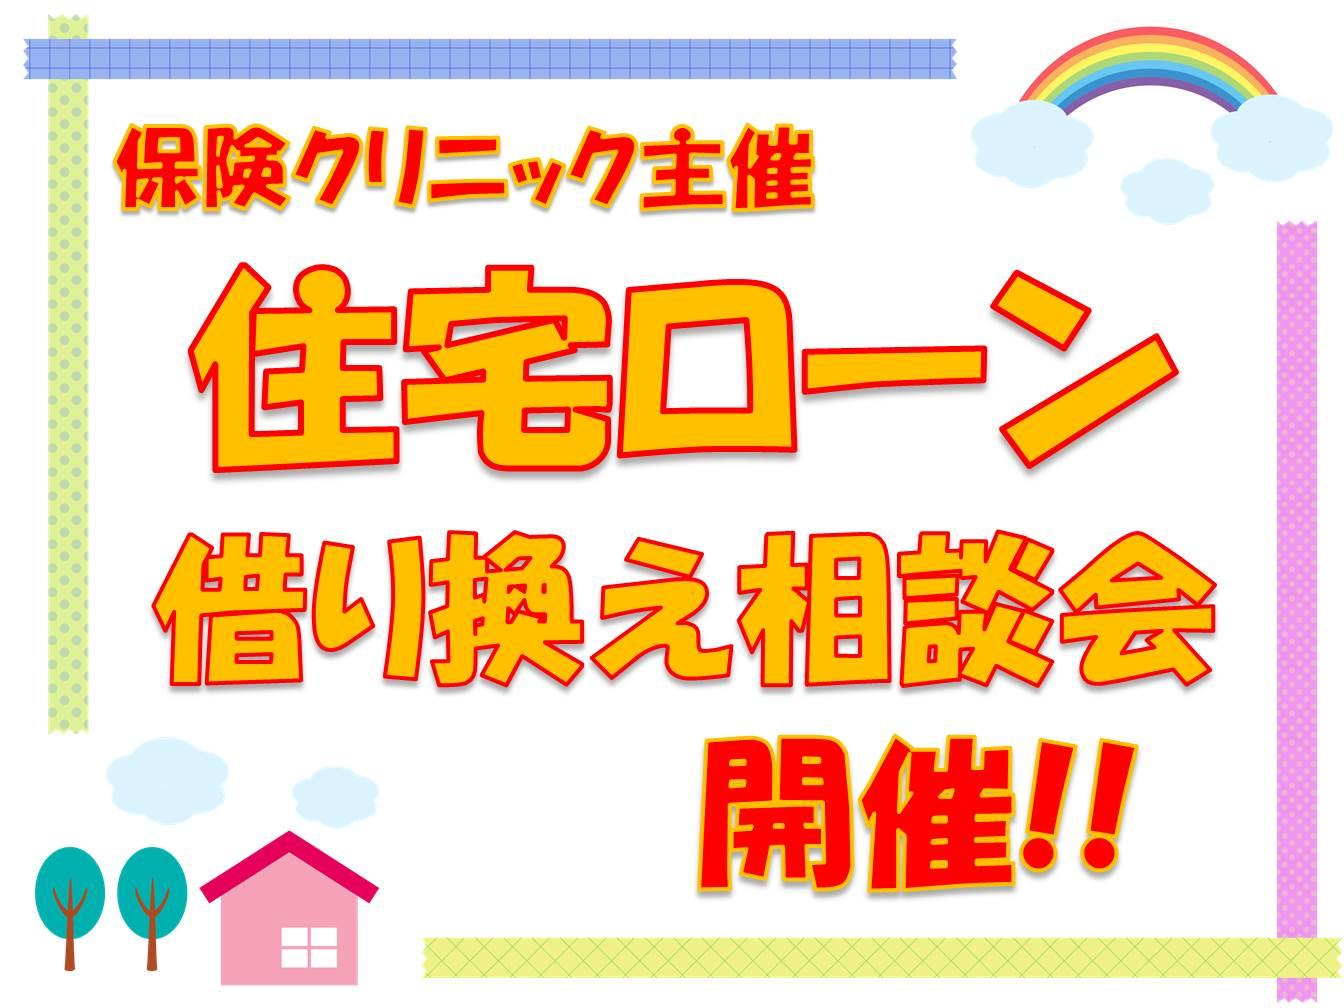 【7月28日・29日】住宅ローン相談会開催!(鹿嶋チェリオ店)